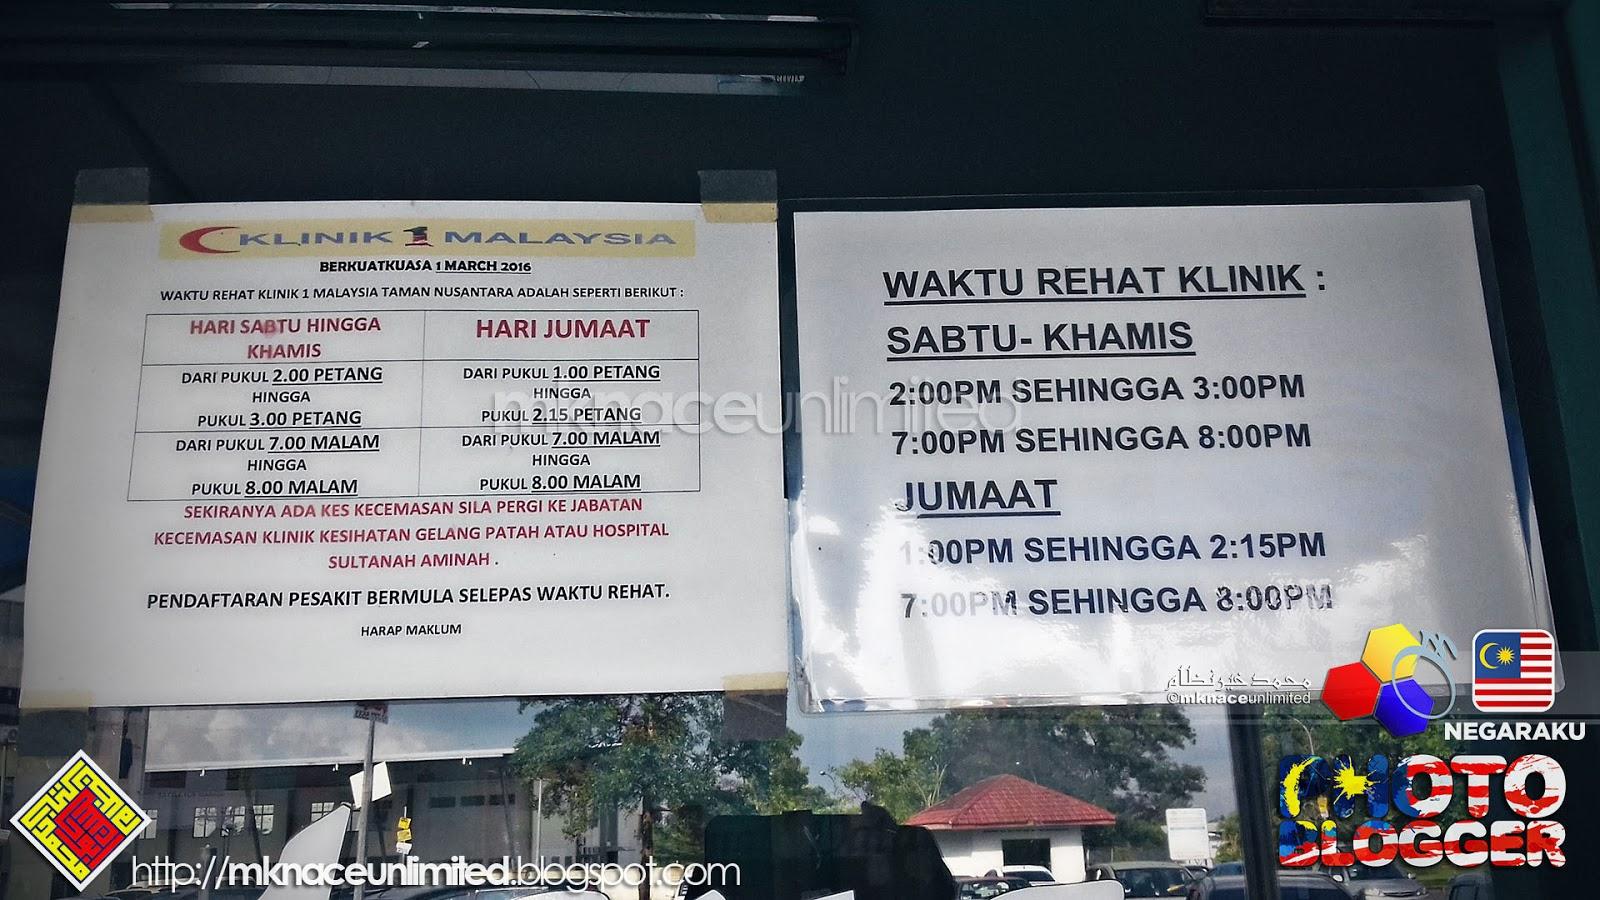 Inaz Klinik 1malaysia Taman Nusantara